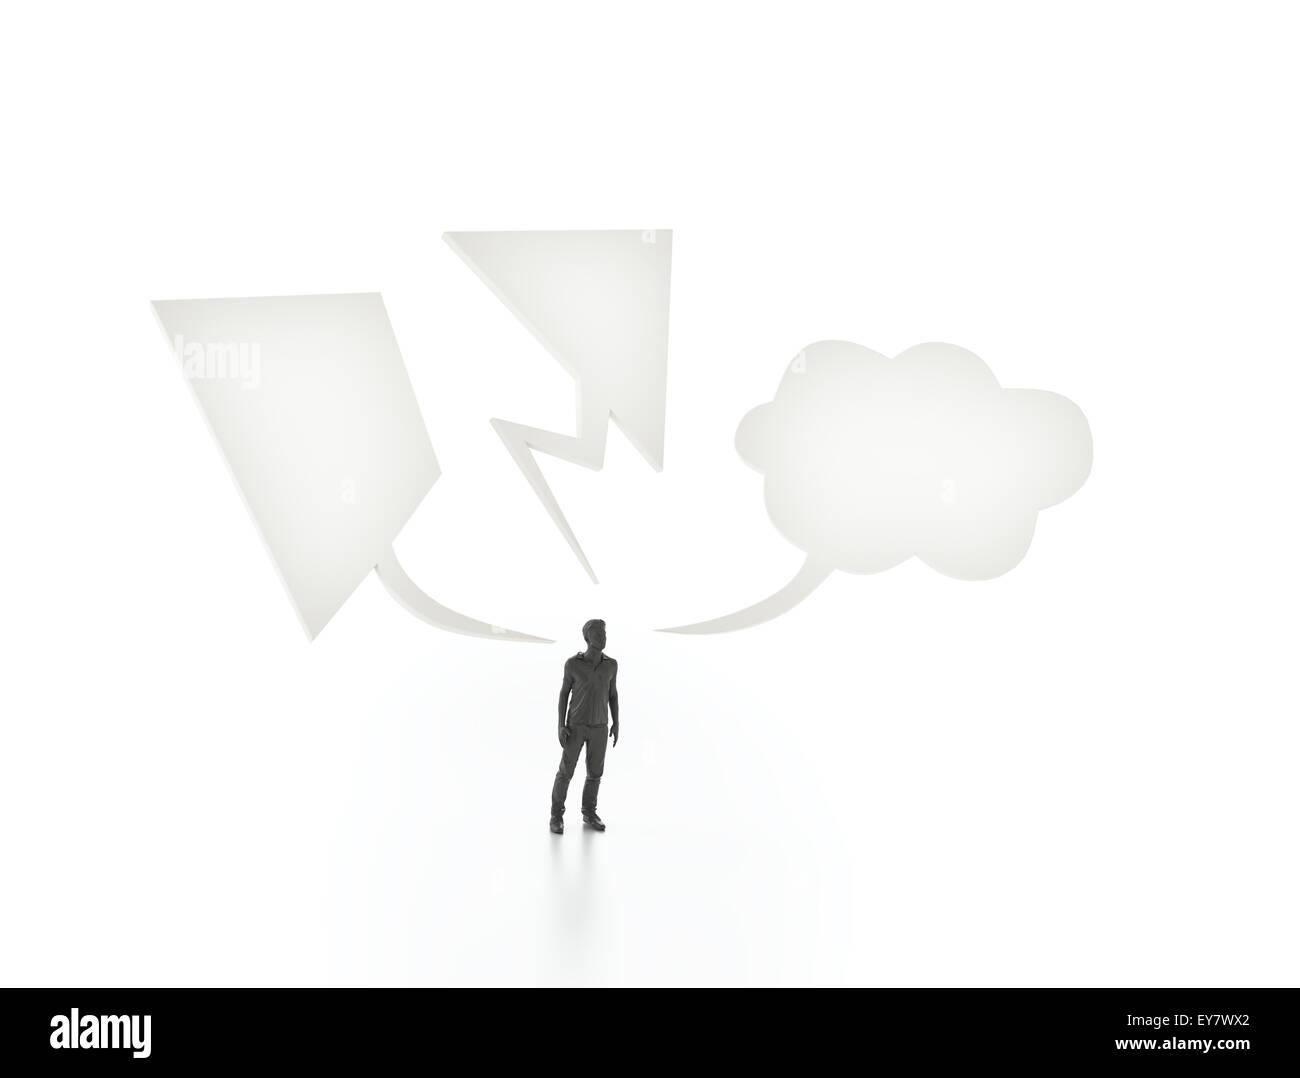 Uomo con tre diversi fumetti - concetto di comunicazione Immagini Stock